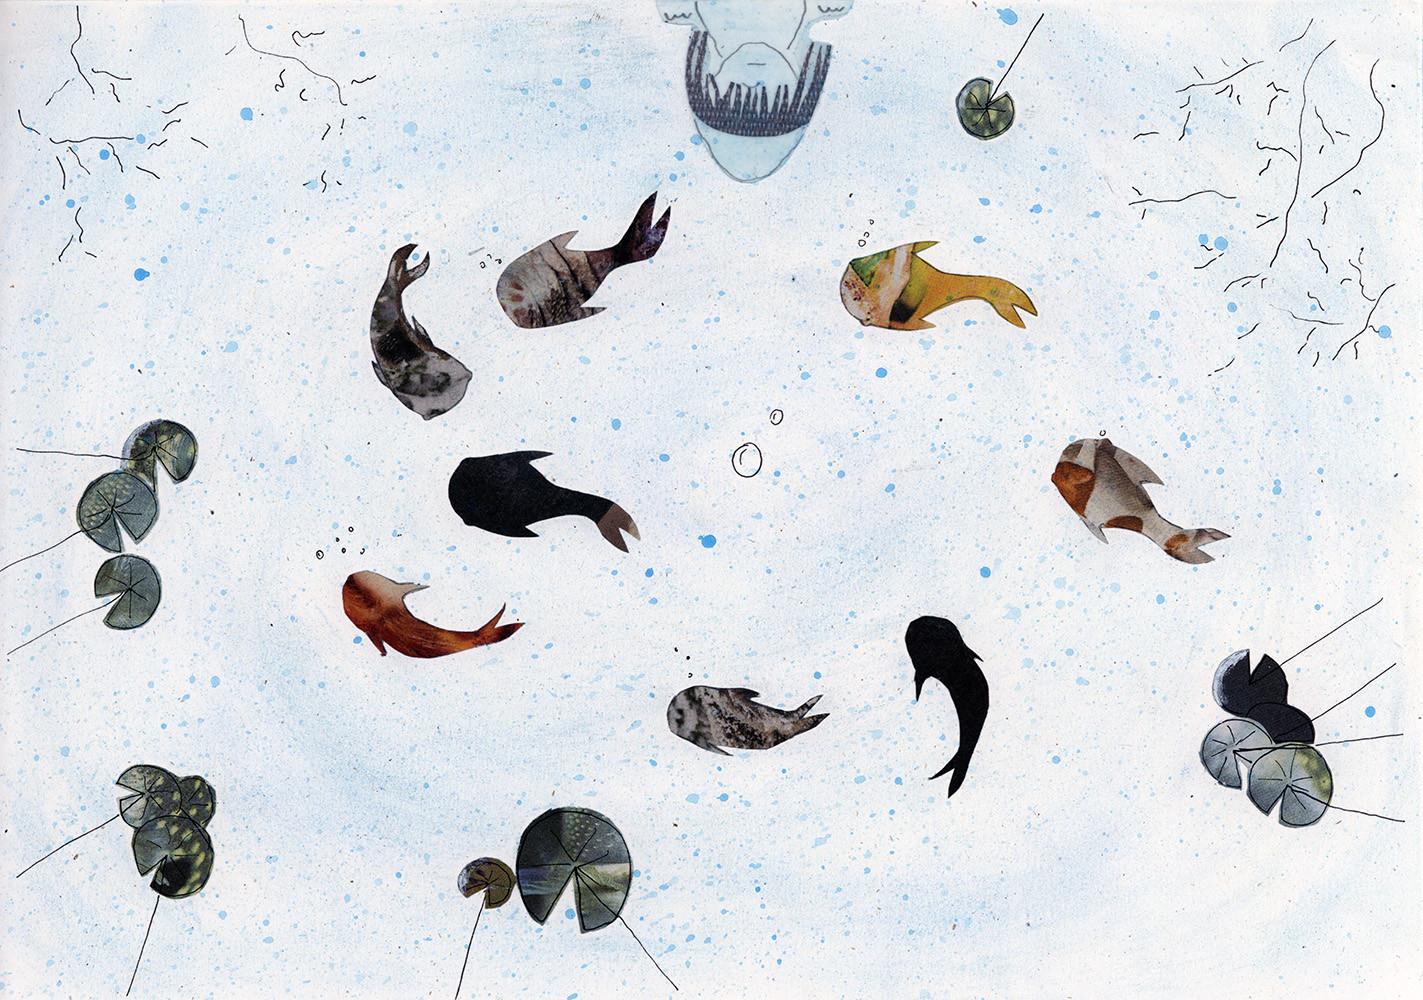 Sabine Rufener Illustration Kinderbuch Collage Kindheit Erinnerung Tollwut Fuchs Fischteich